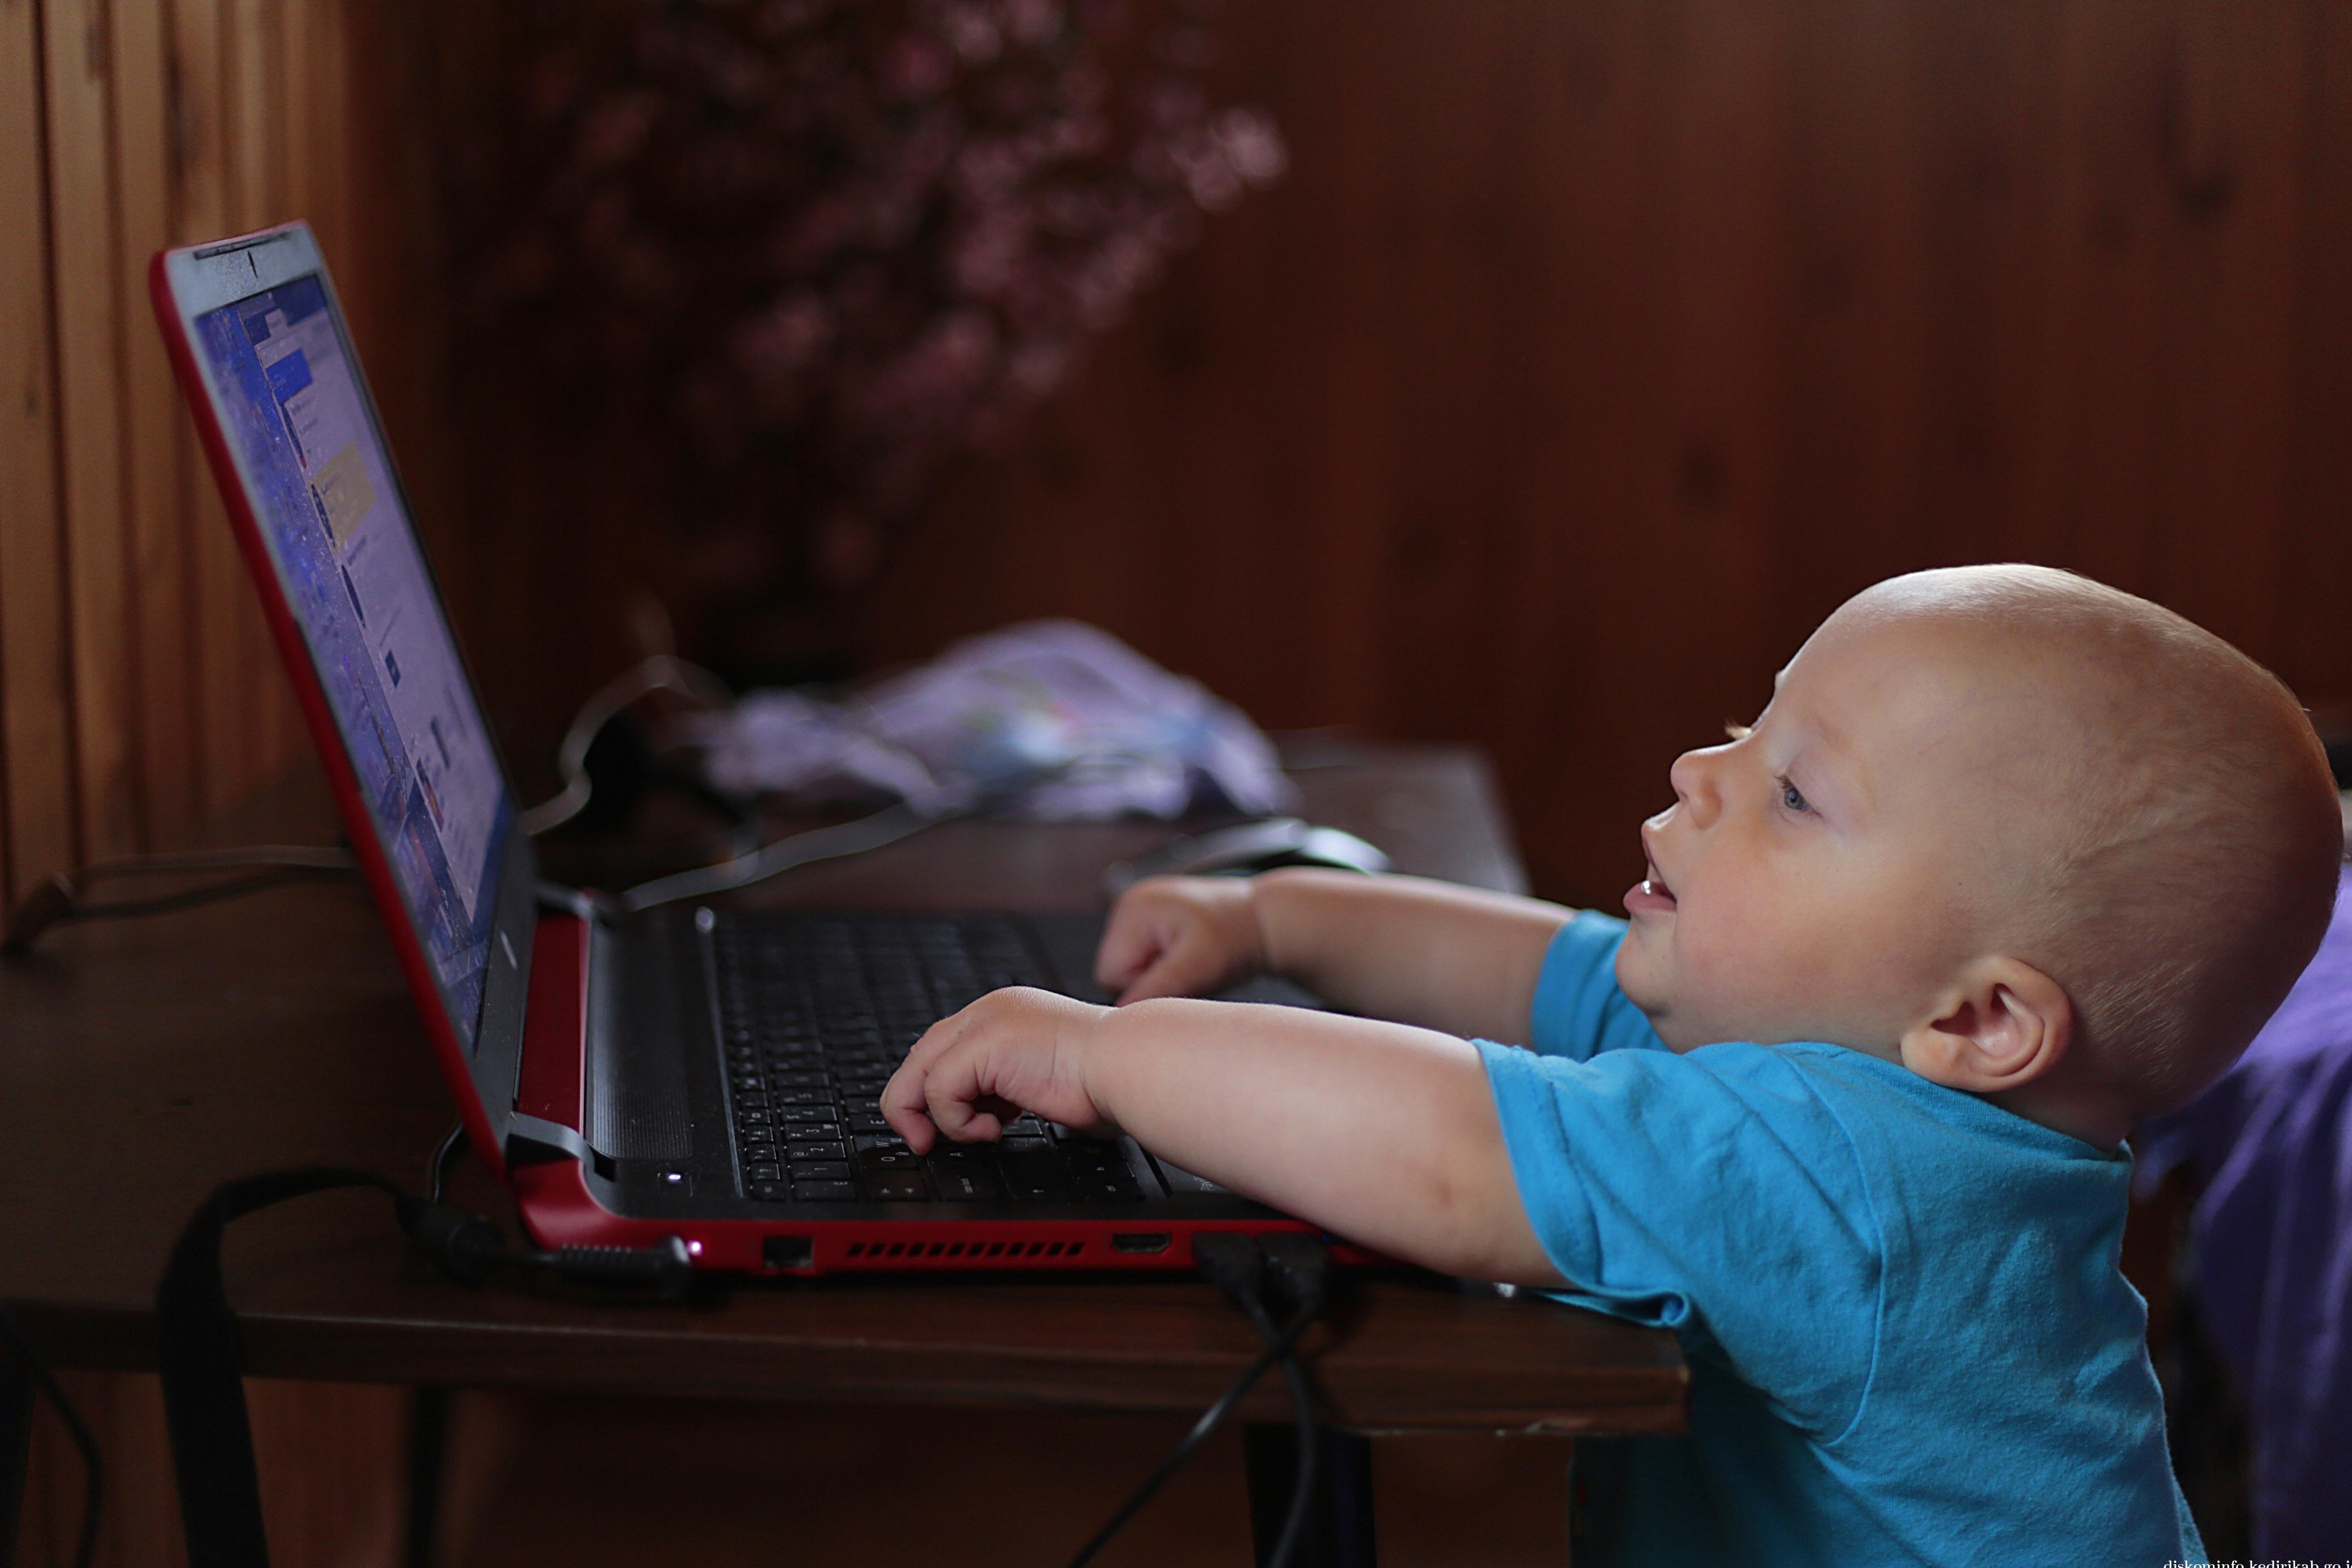 Dampak Negatif Gadget Bagi Anak-anak